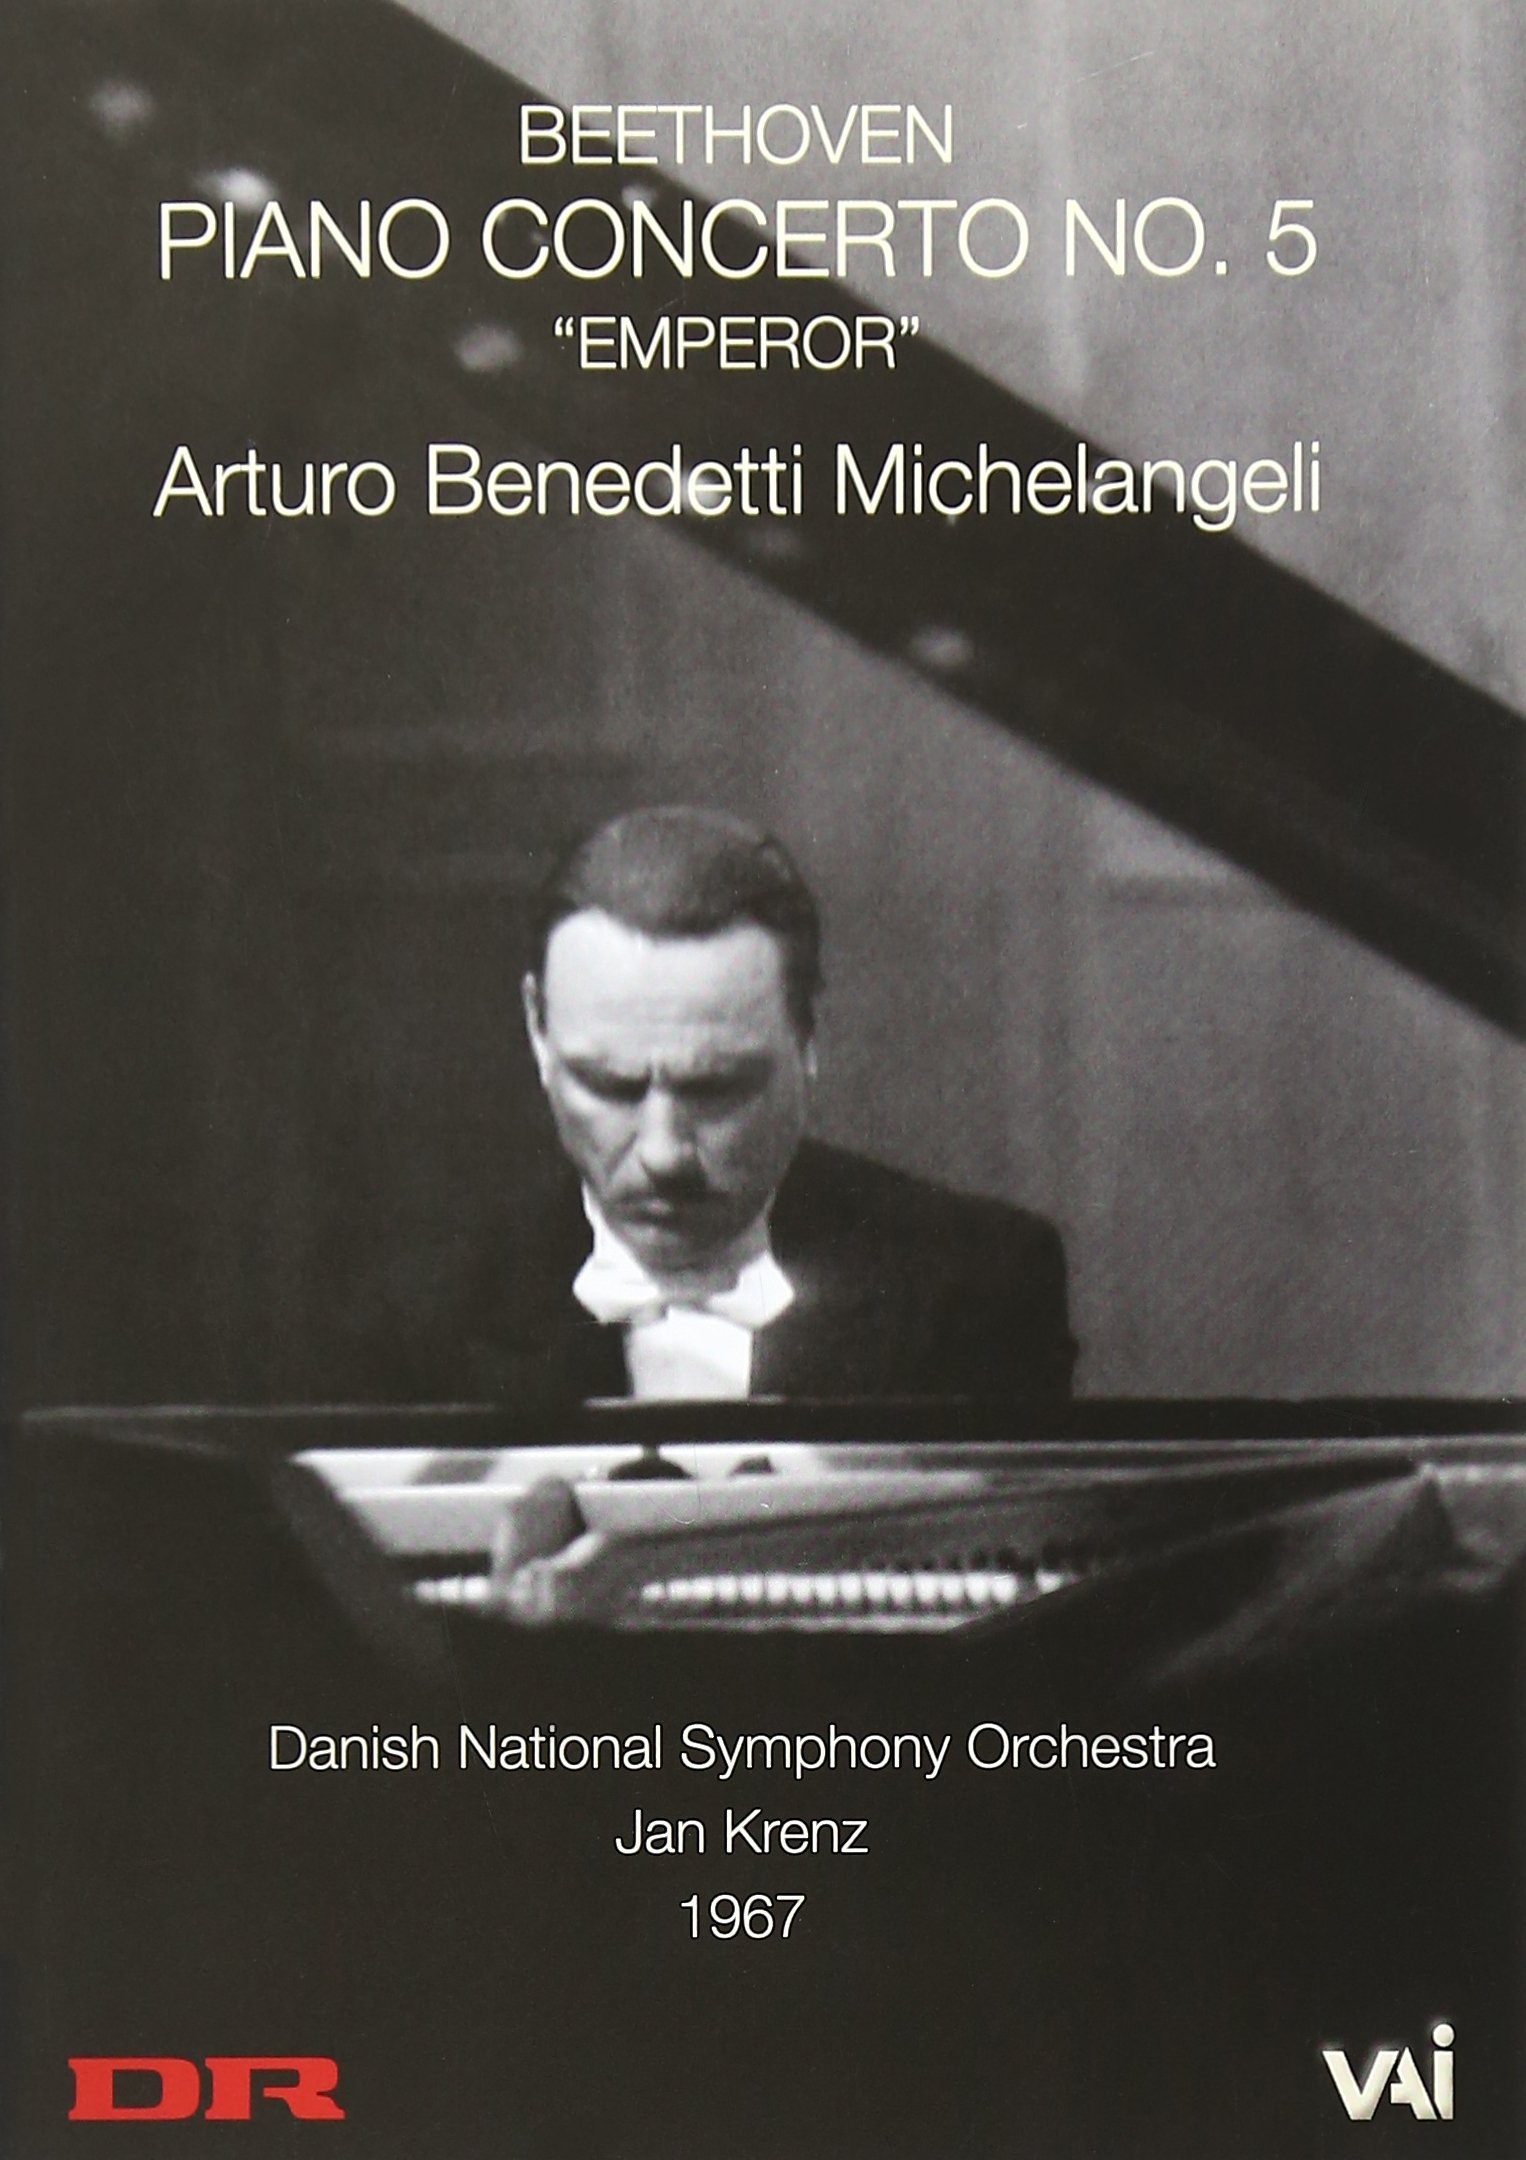 DVD : Arturo Benedetti Michelangeli - Michelangeli Plays Beethoven's Emperor Concerto (Black & White)